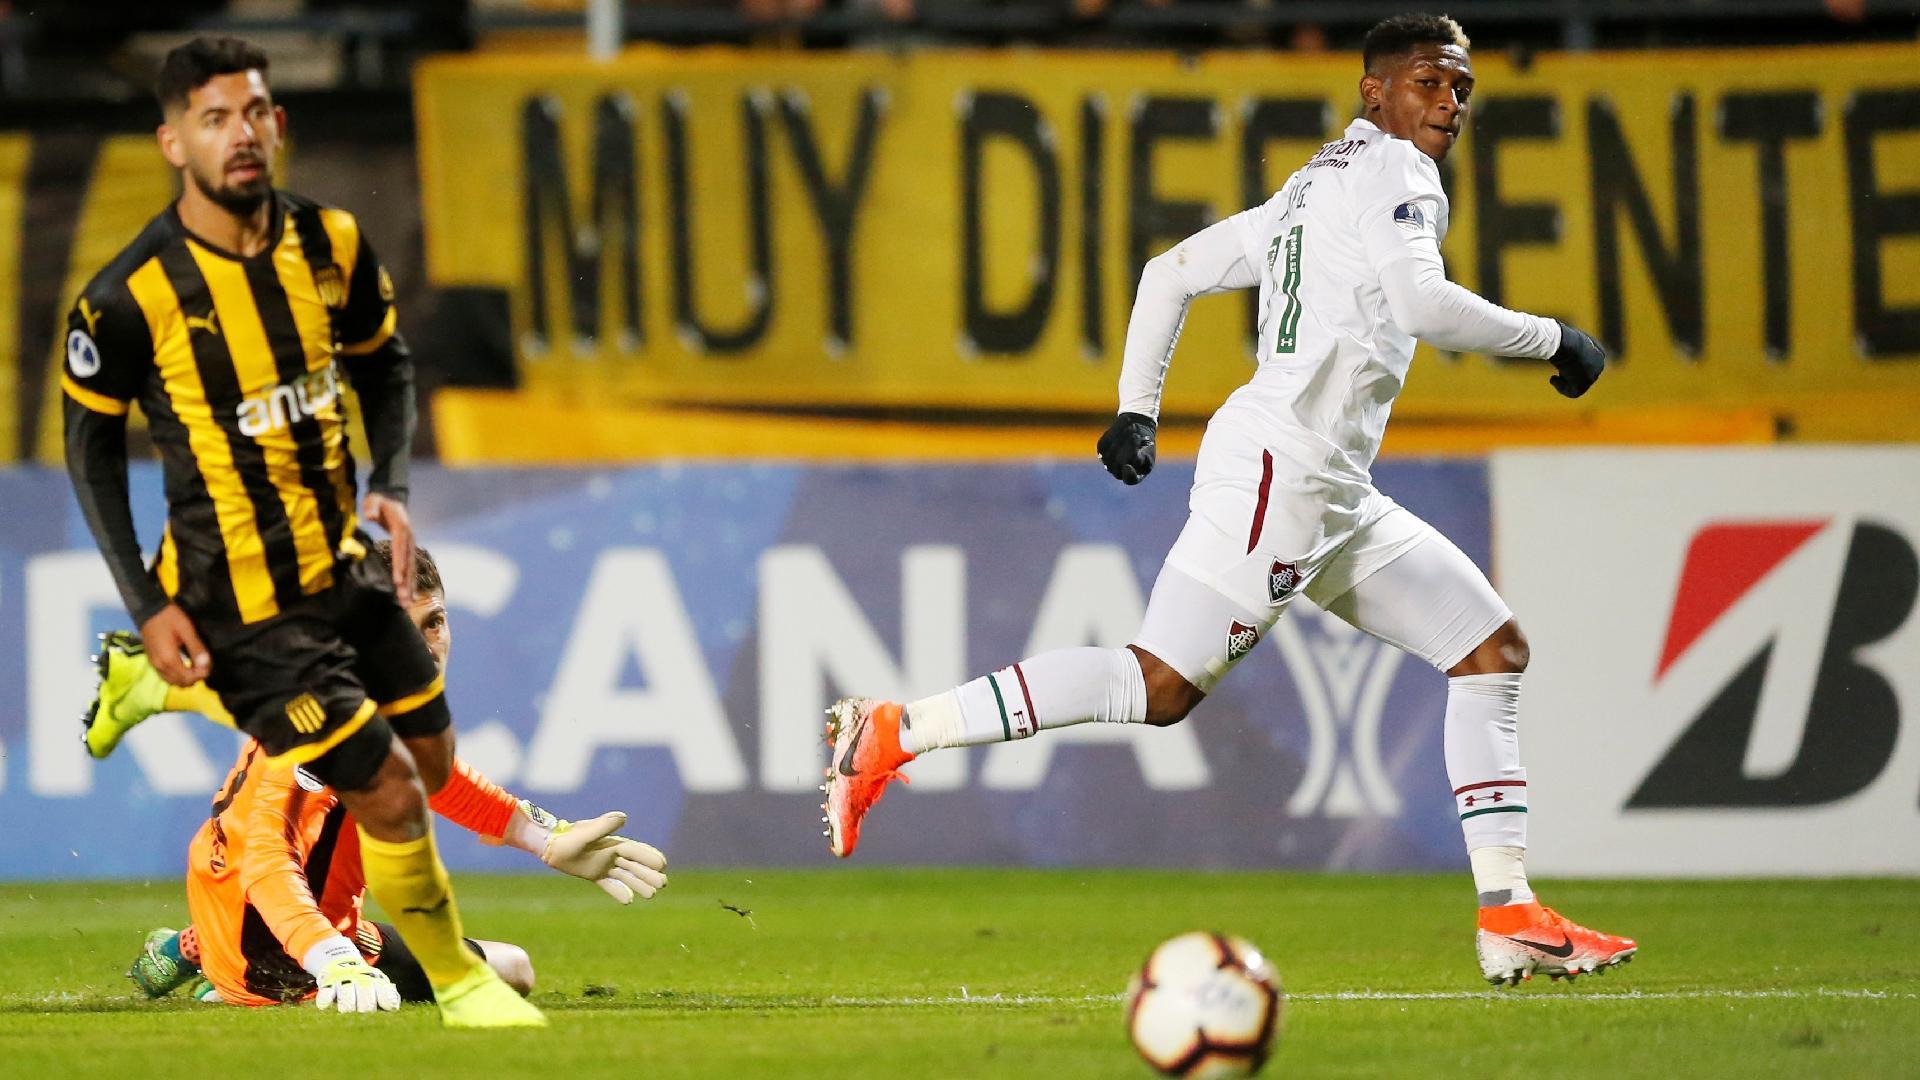 Yony comemora segundo gol do Fluminense contra o Peñarol